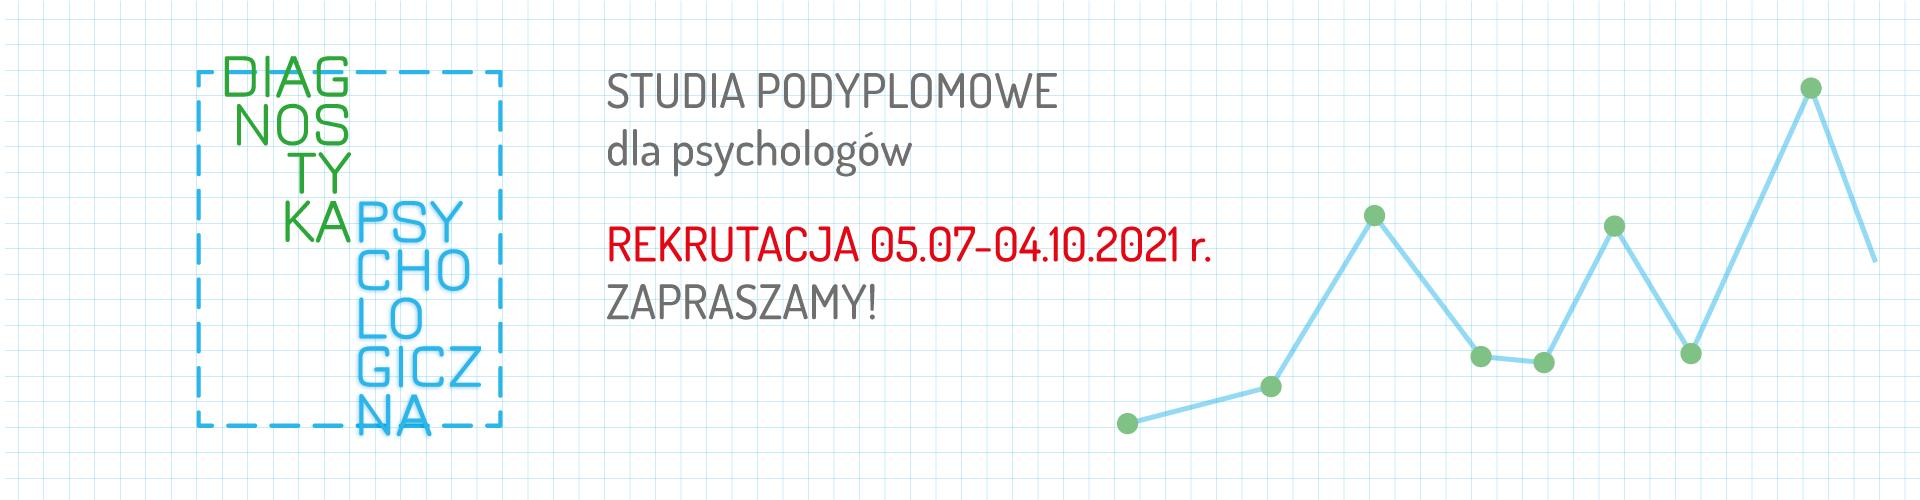 """Rekrutacja na """"Diagnostykę psychologiczną"""" - dowiedz się więcej"""